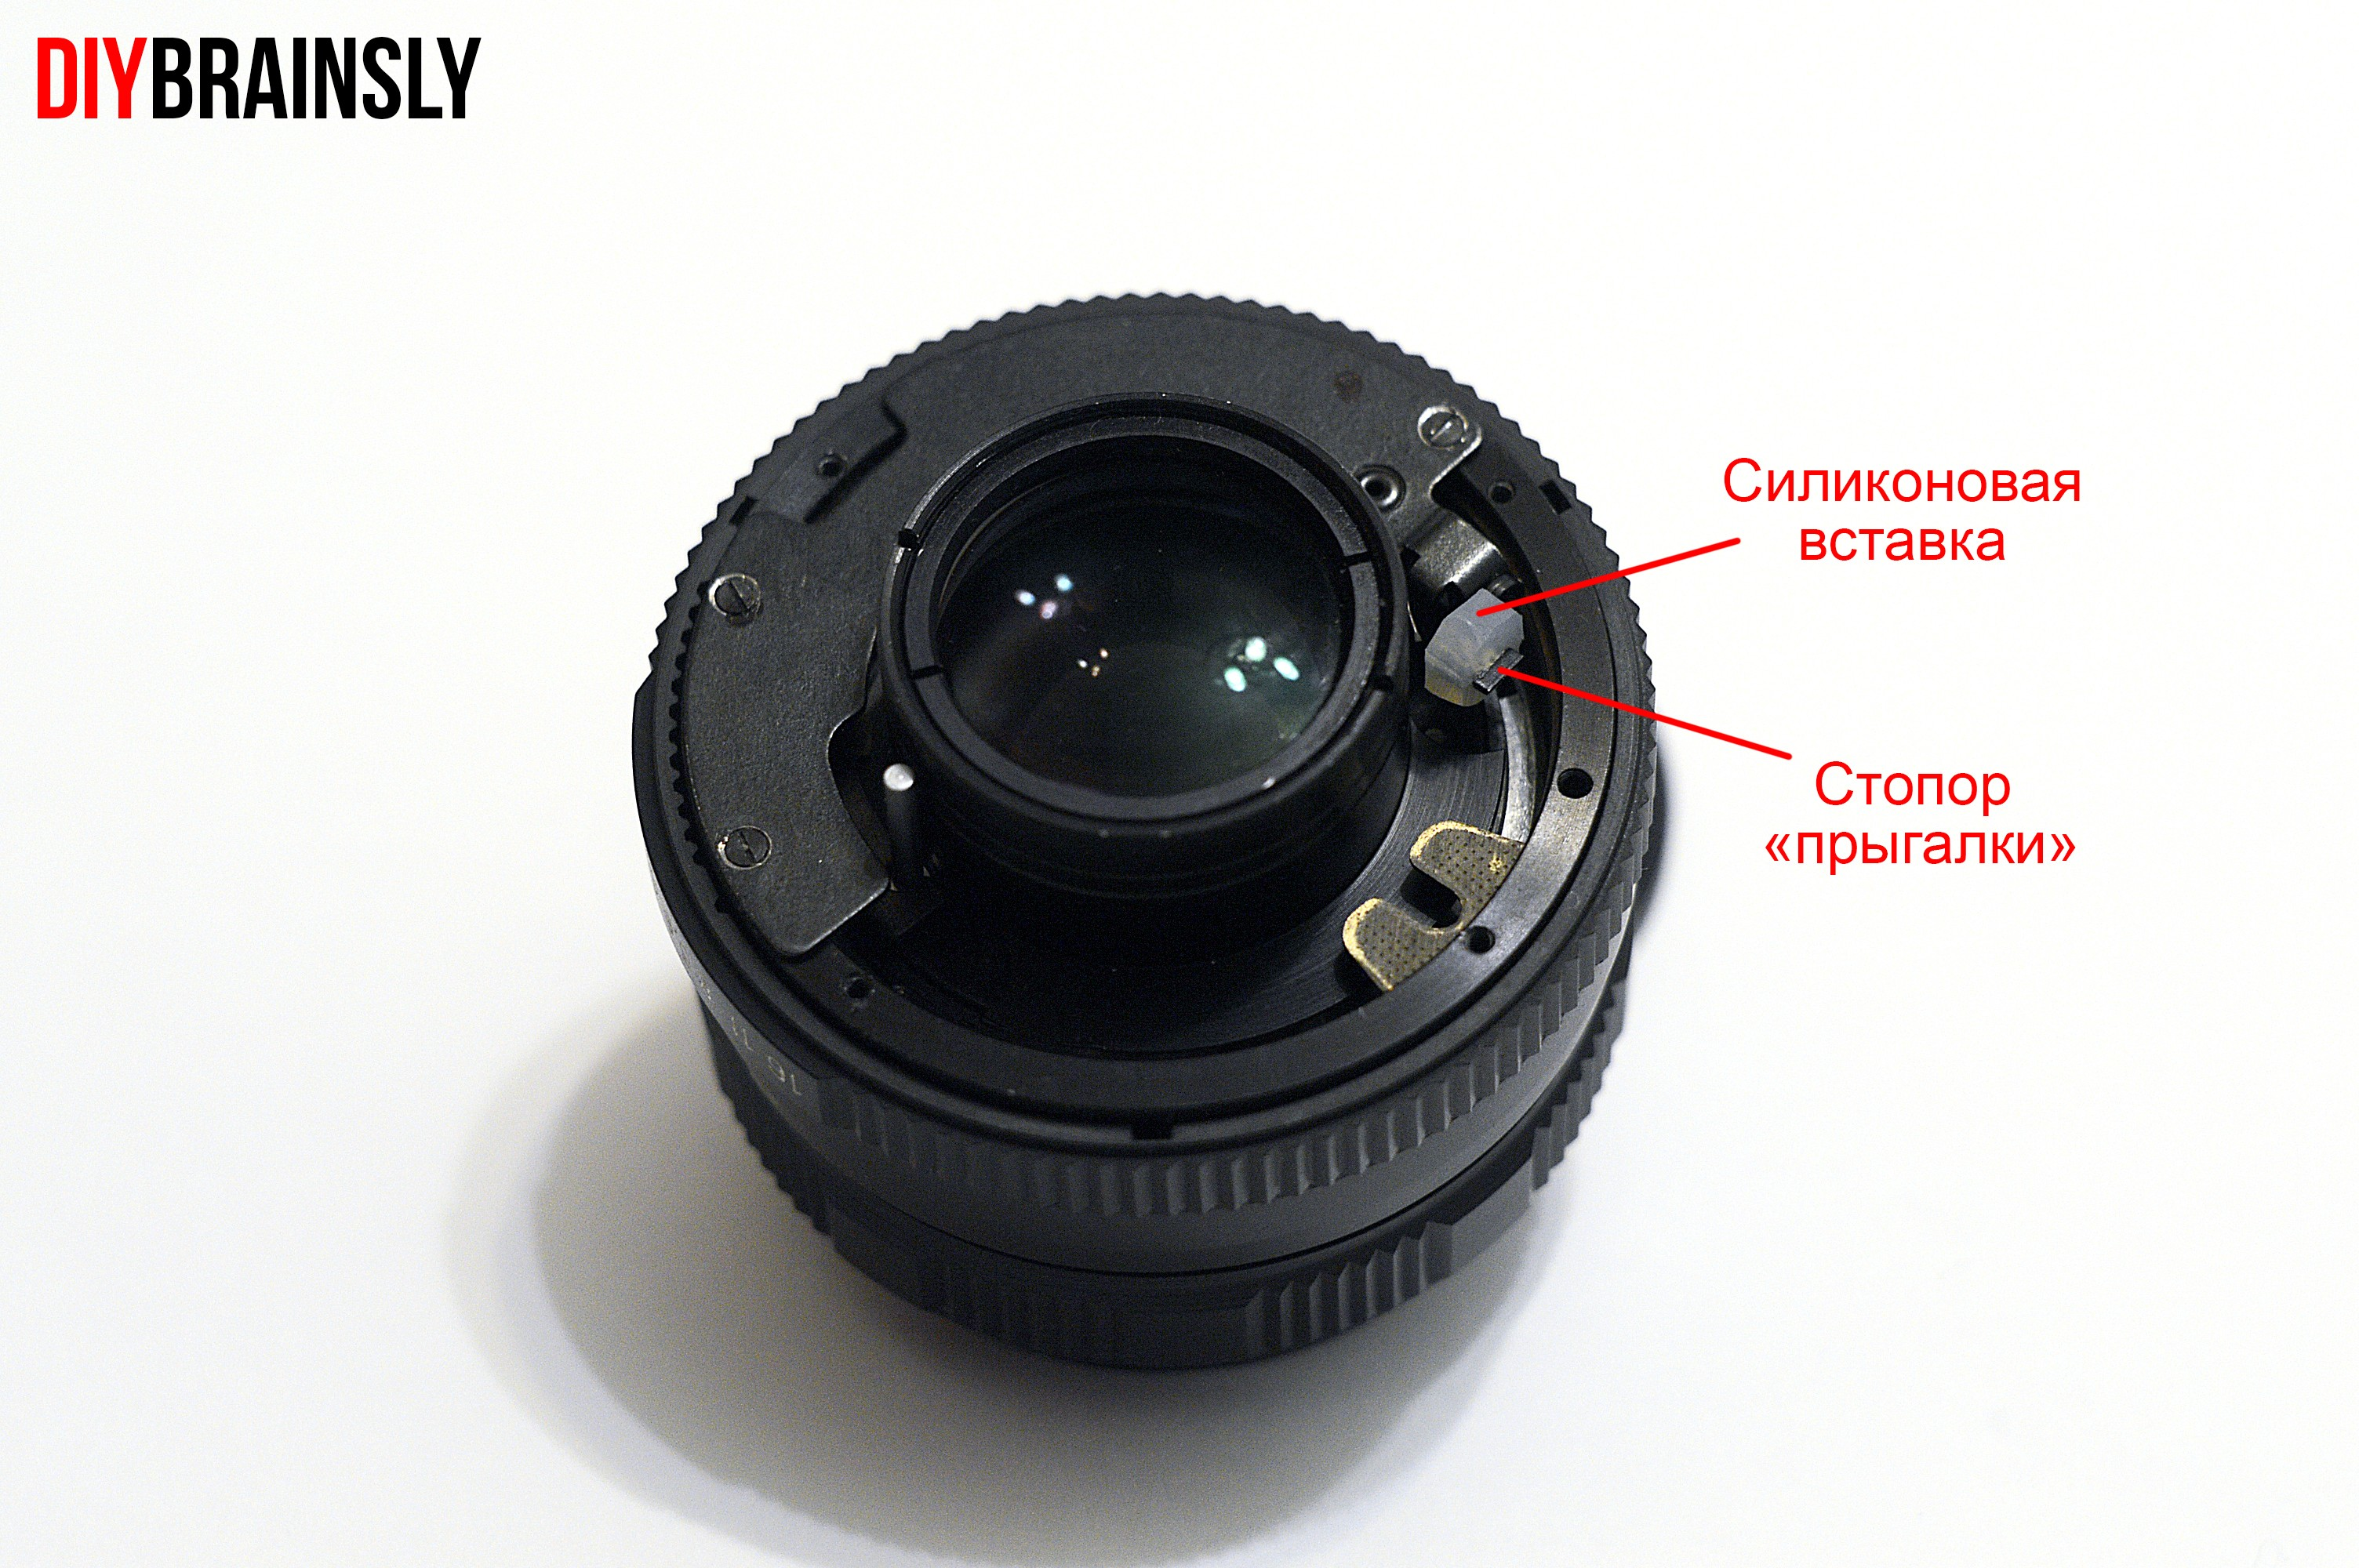 Гелиос 77м-4 на Nikon 2